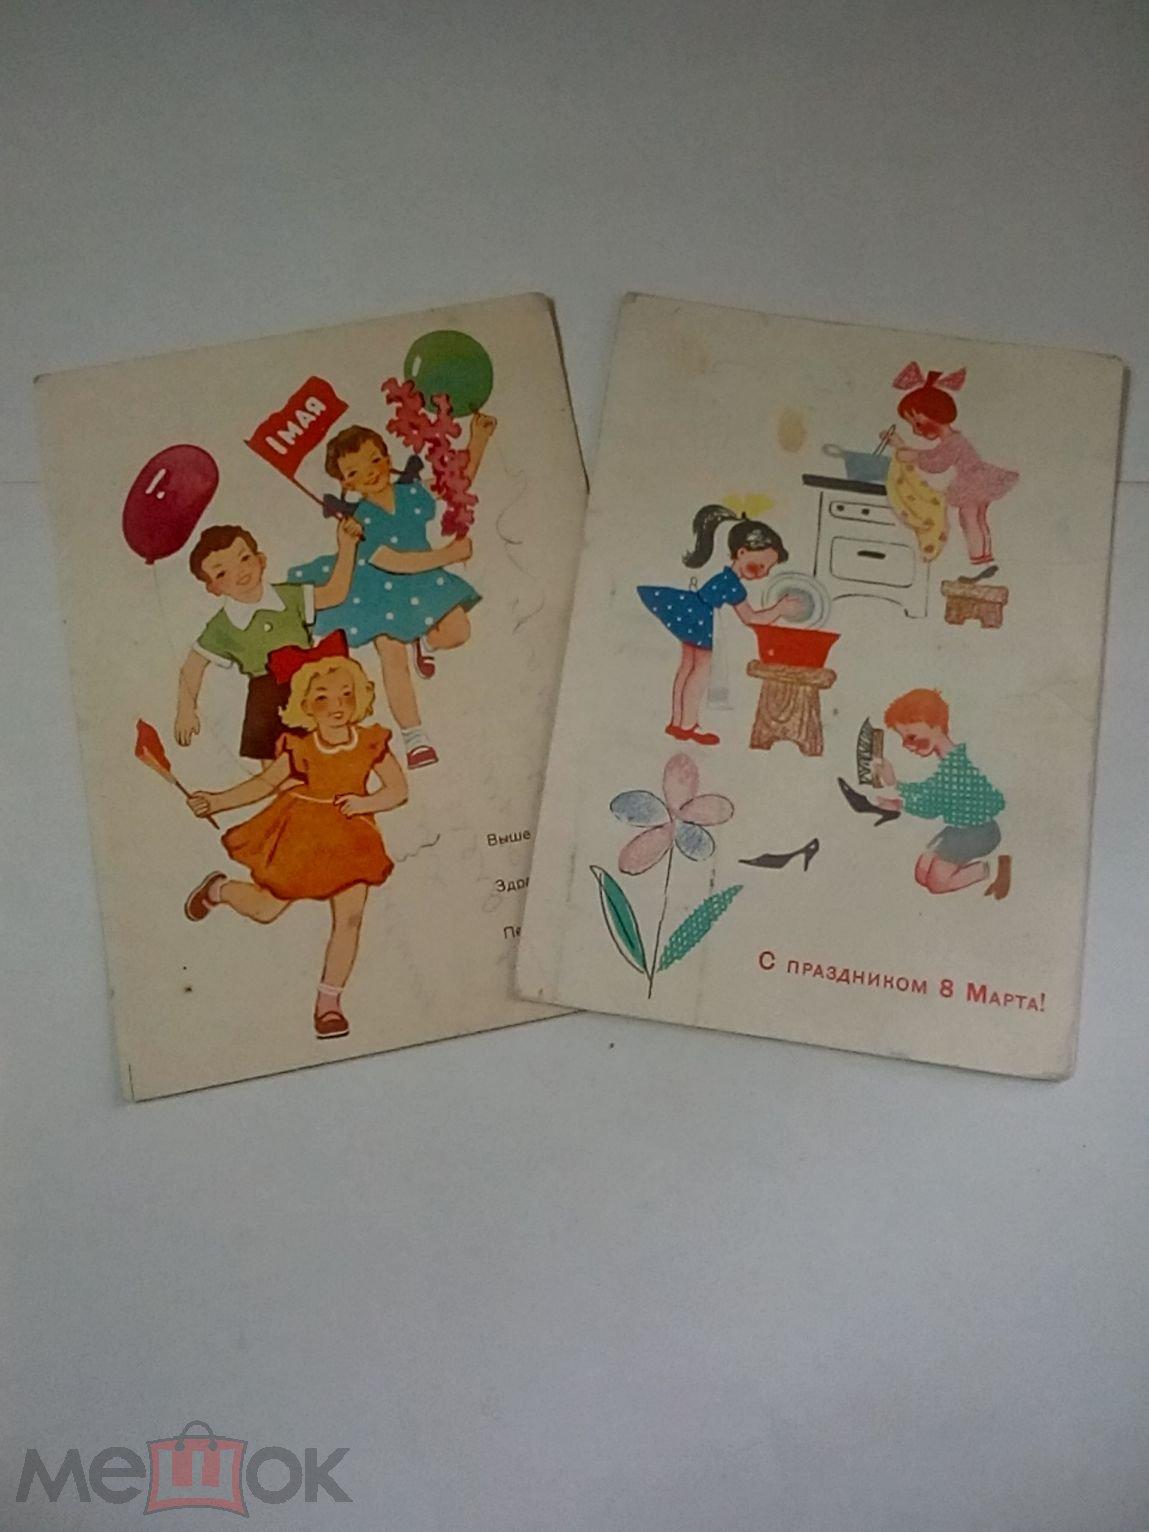 Преображением, сколько стоит открытка 1960 года